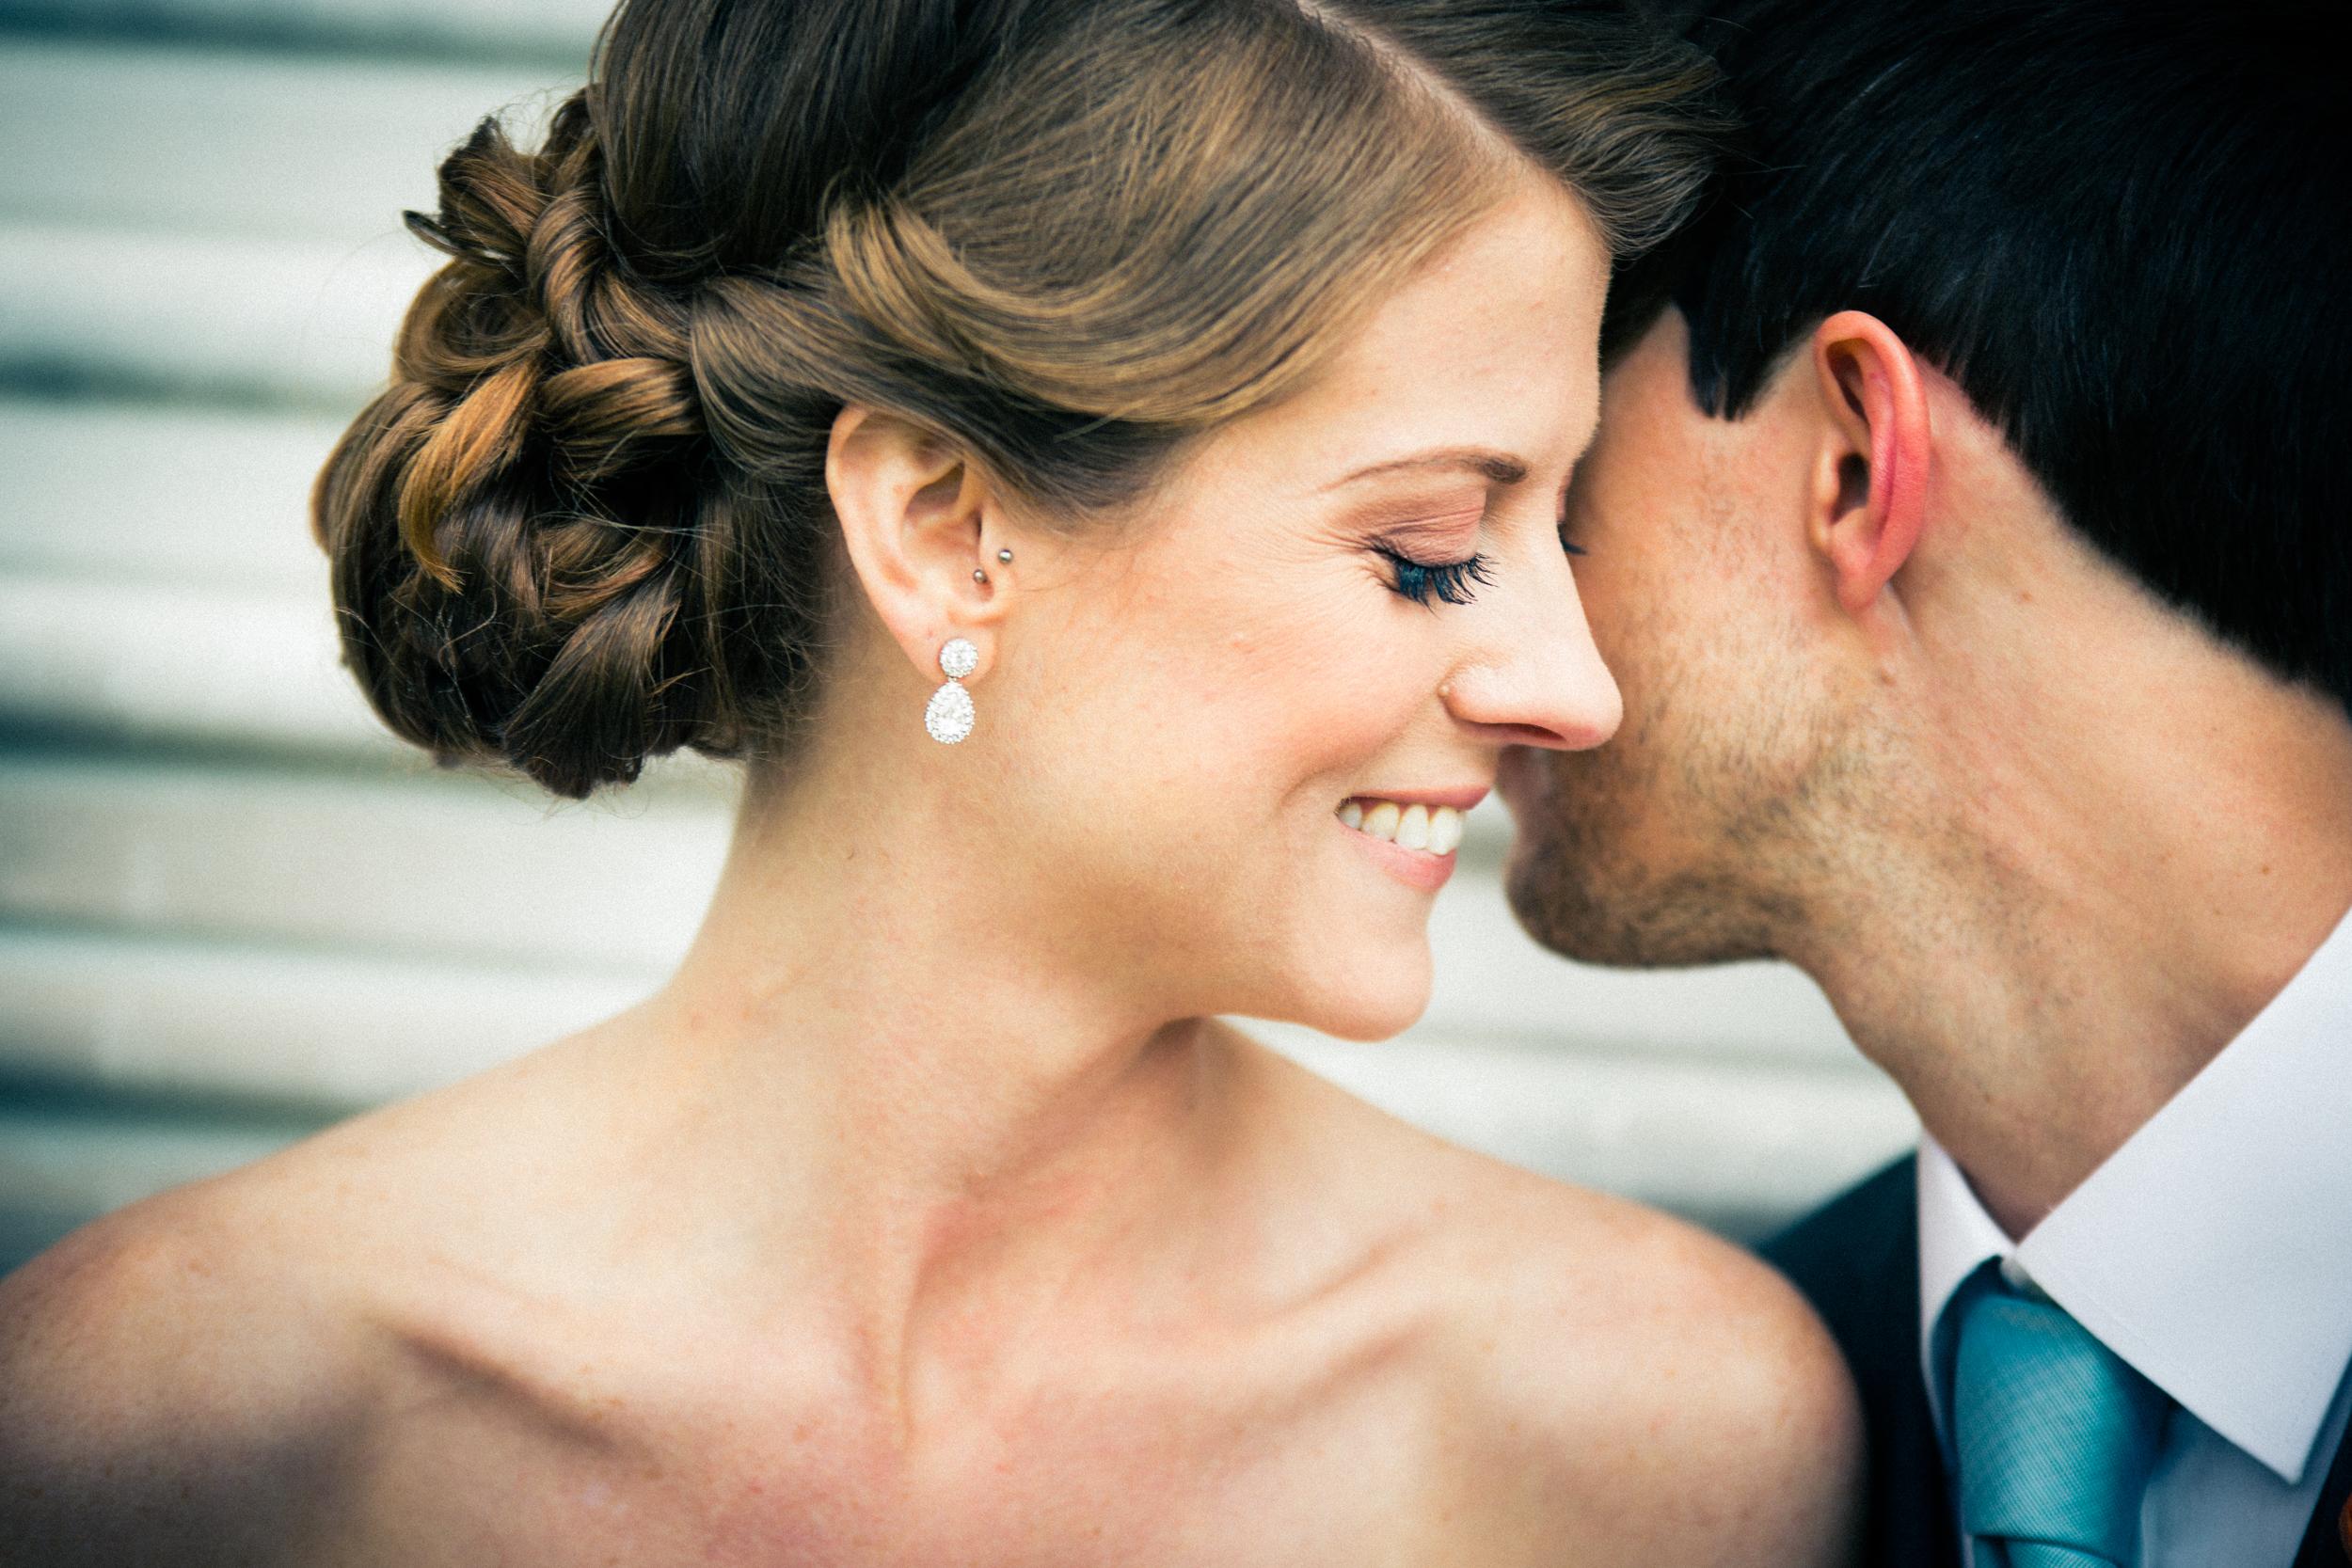 052219_Wedding-ASWeb-3.jpg